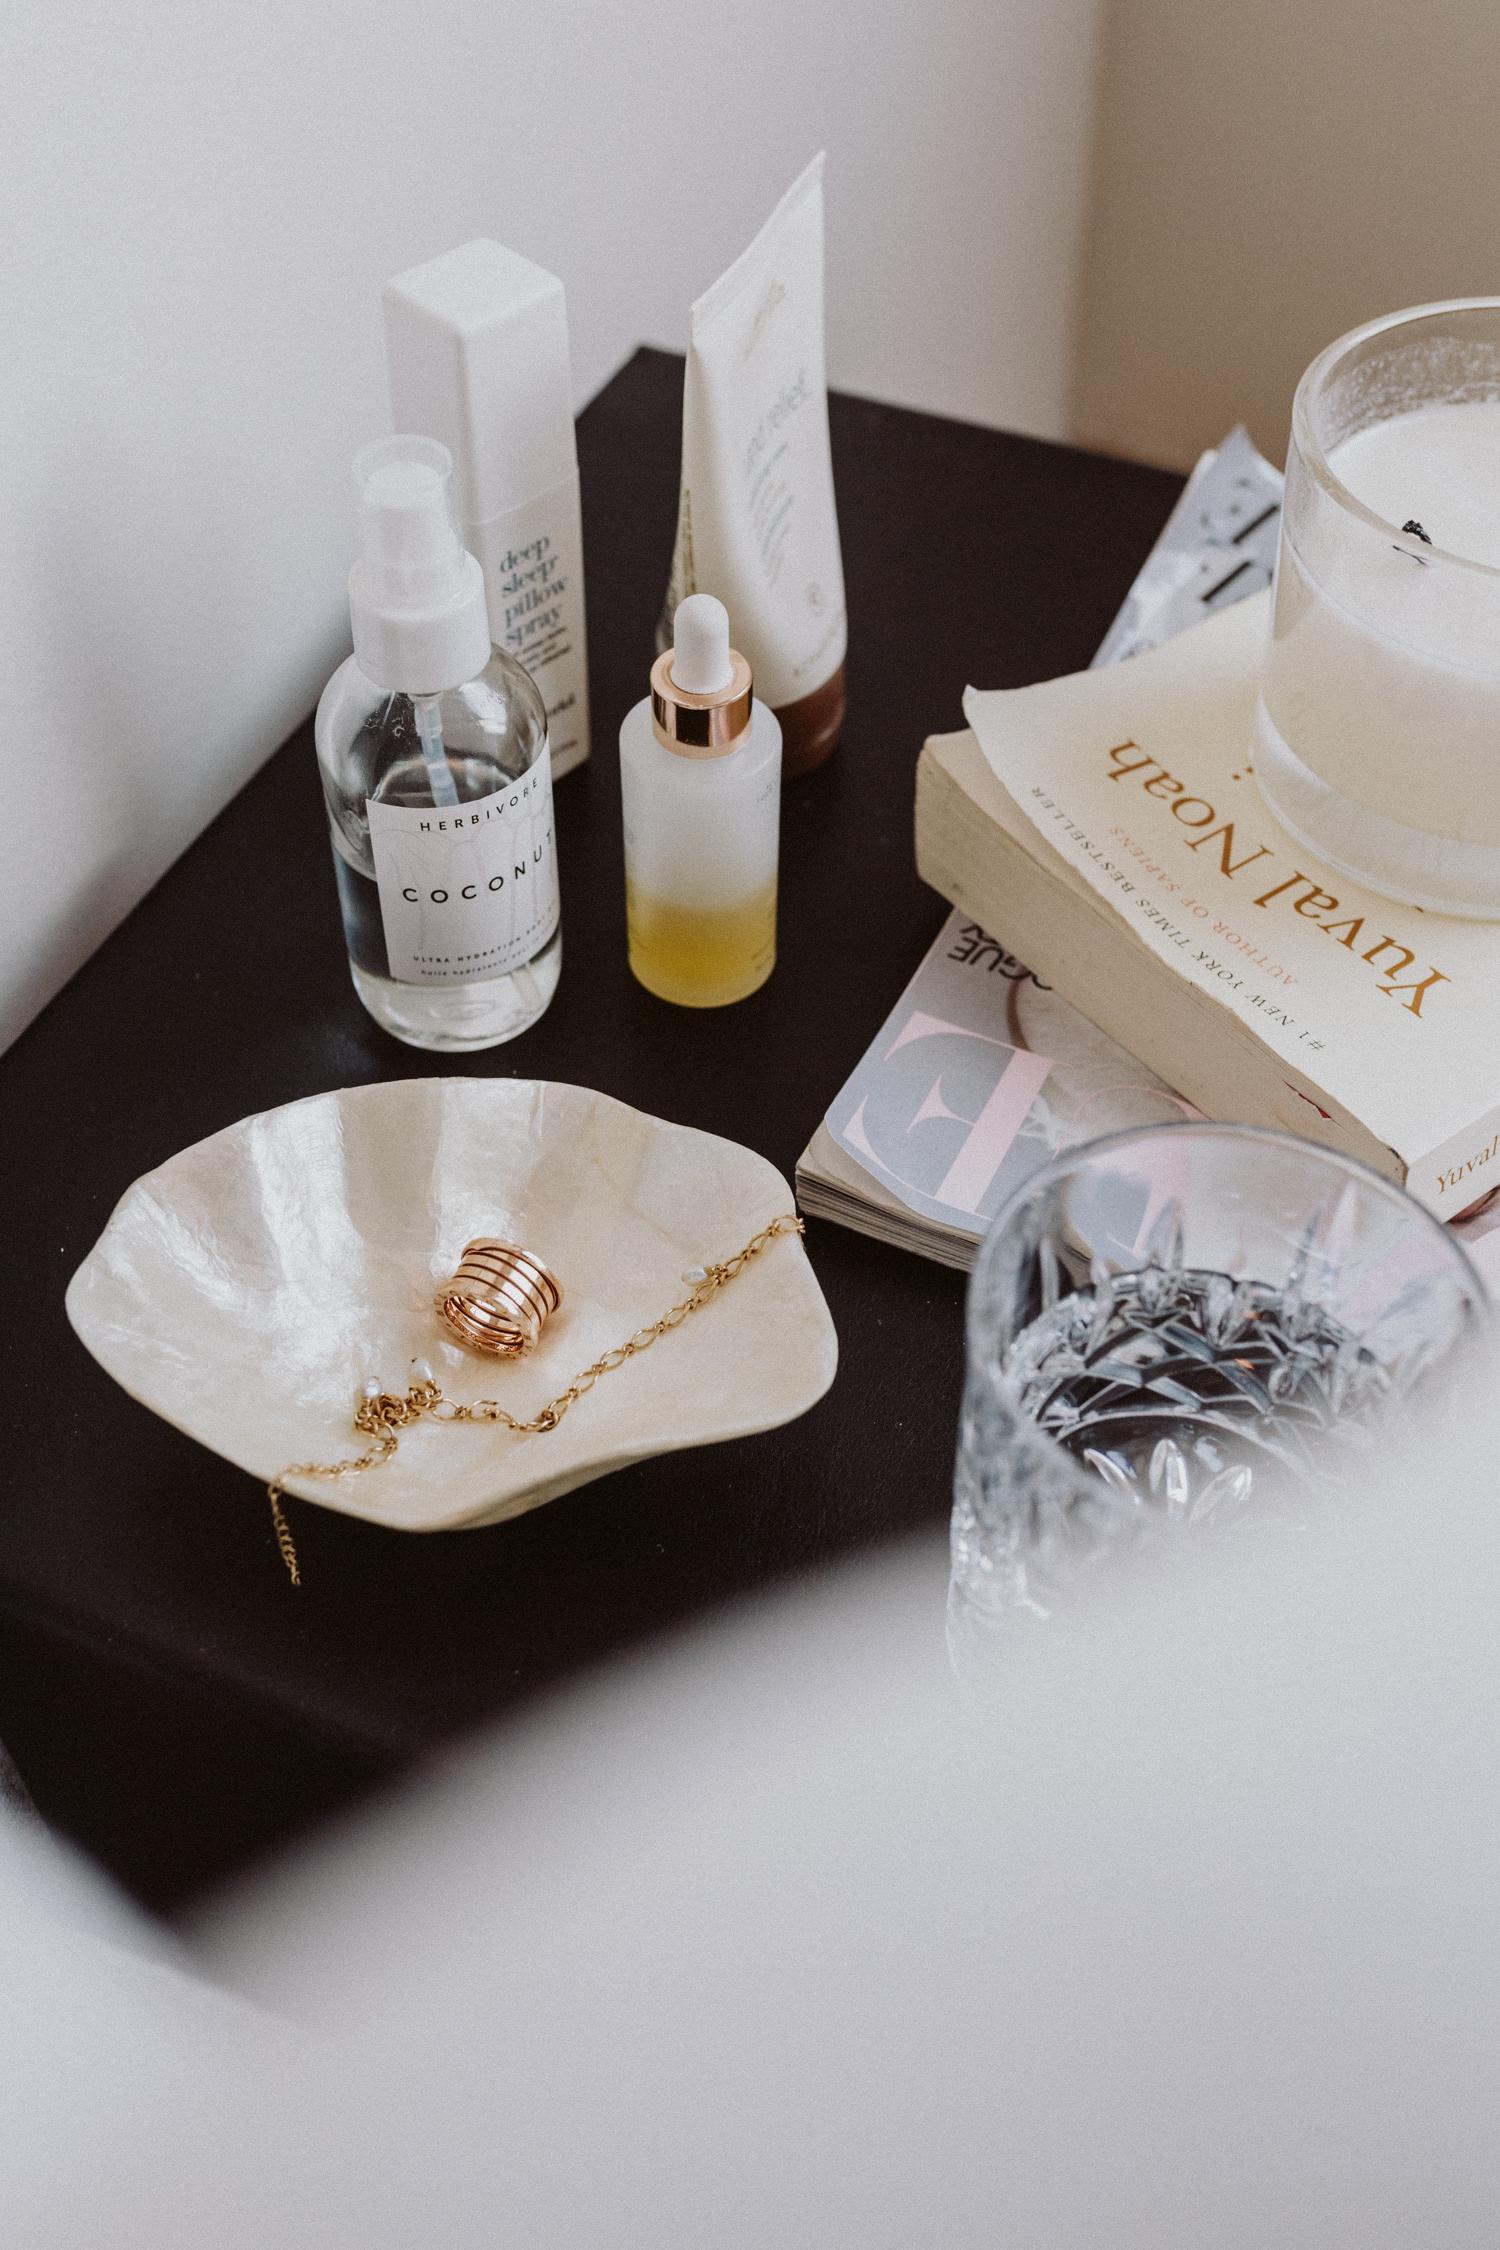 Bedside Essentials: Auf unserem Nachttisch ... - Love Daily Dose